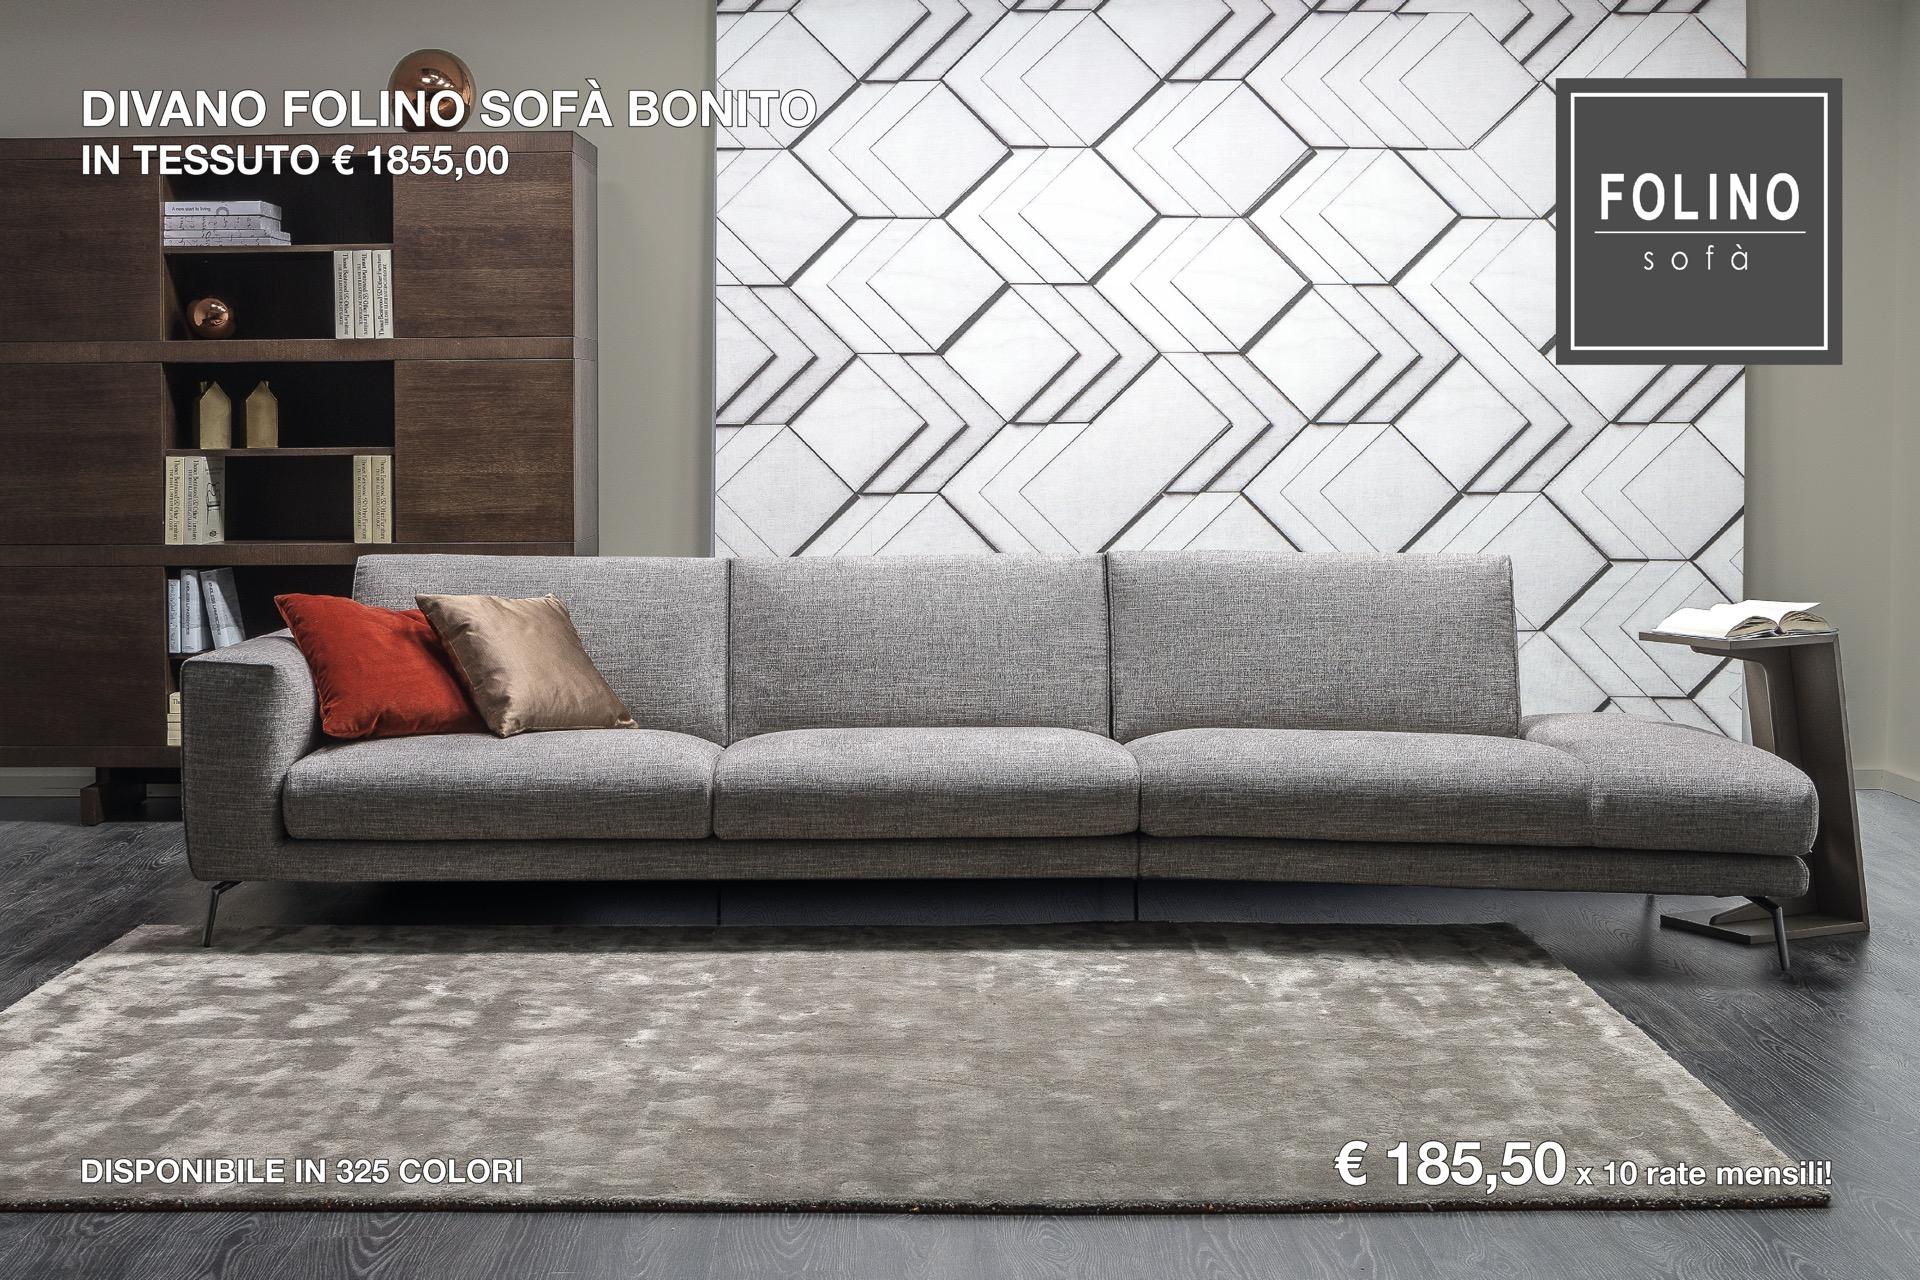 Divani Promozione.Divani In Promozione A Milano Arredamenti Milano Folino